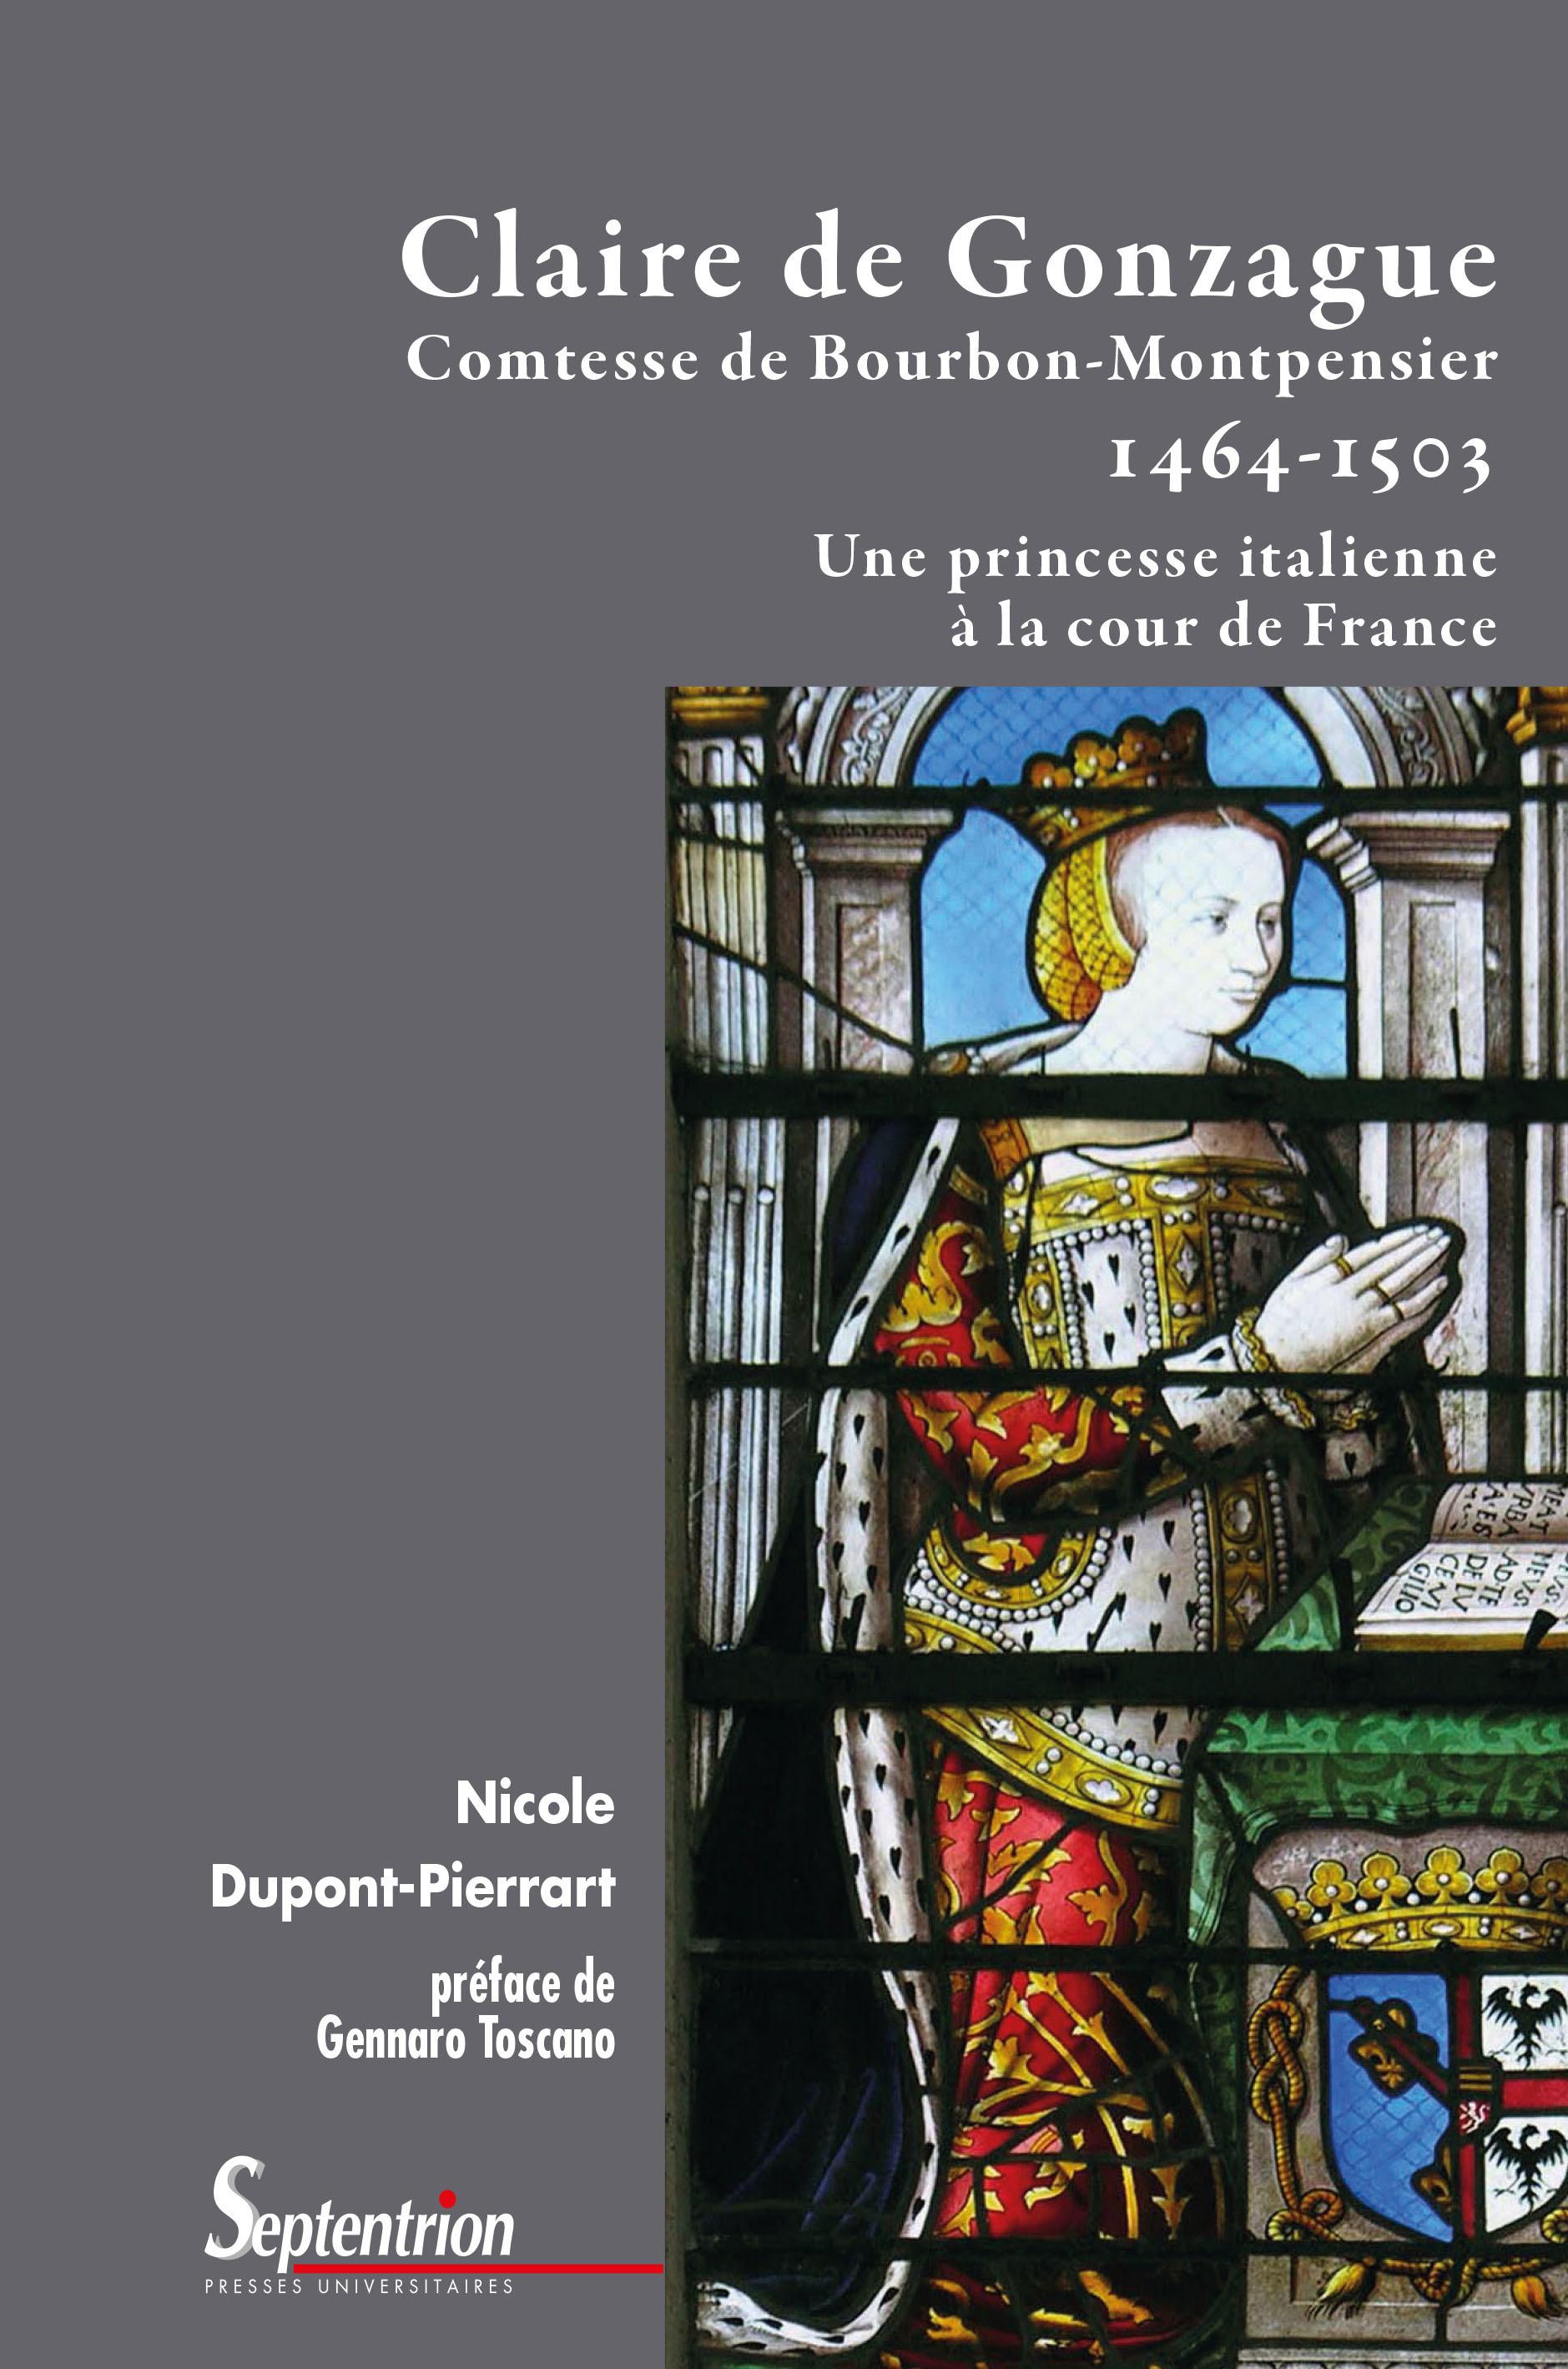 Claire de gonzague comtesse de bourbon-montpensier  1464 1503 - une princesse italienne a la cour de